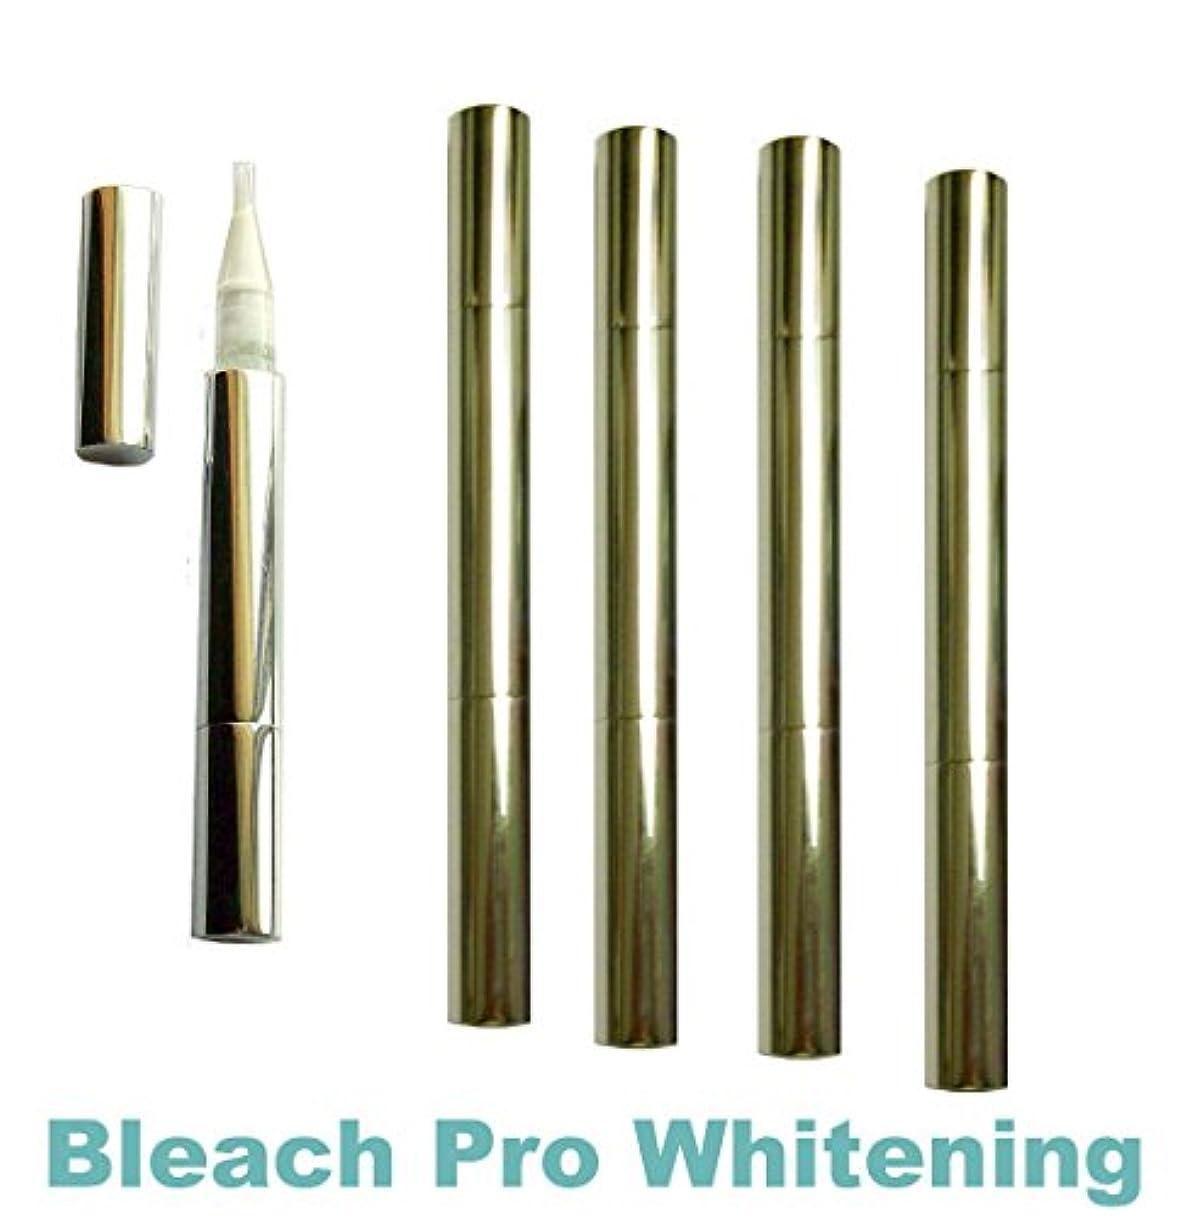 タワーホステスセンターTeeth Whitening Gel Pens 35% Carbamide Peroxide Tooth Bleaching Formula Pen with Brush Tip Gel Dispenser. 5 Whitening...